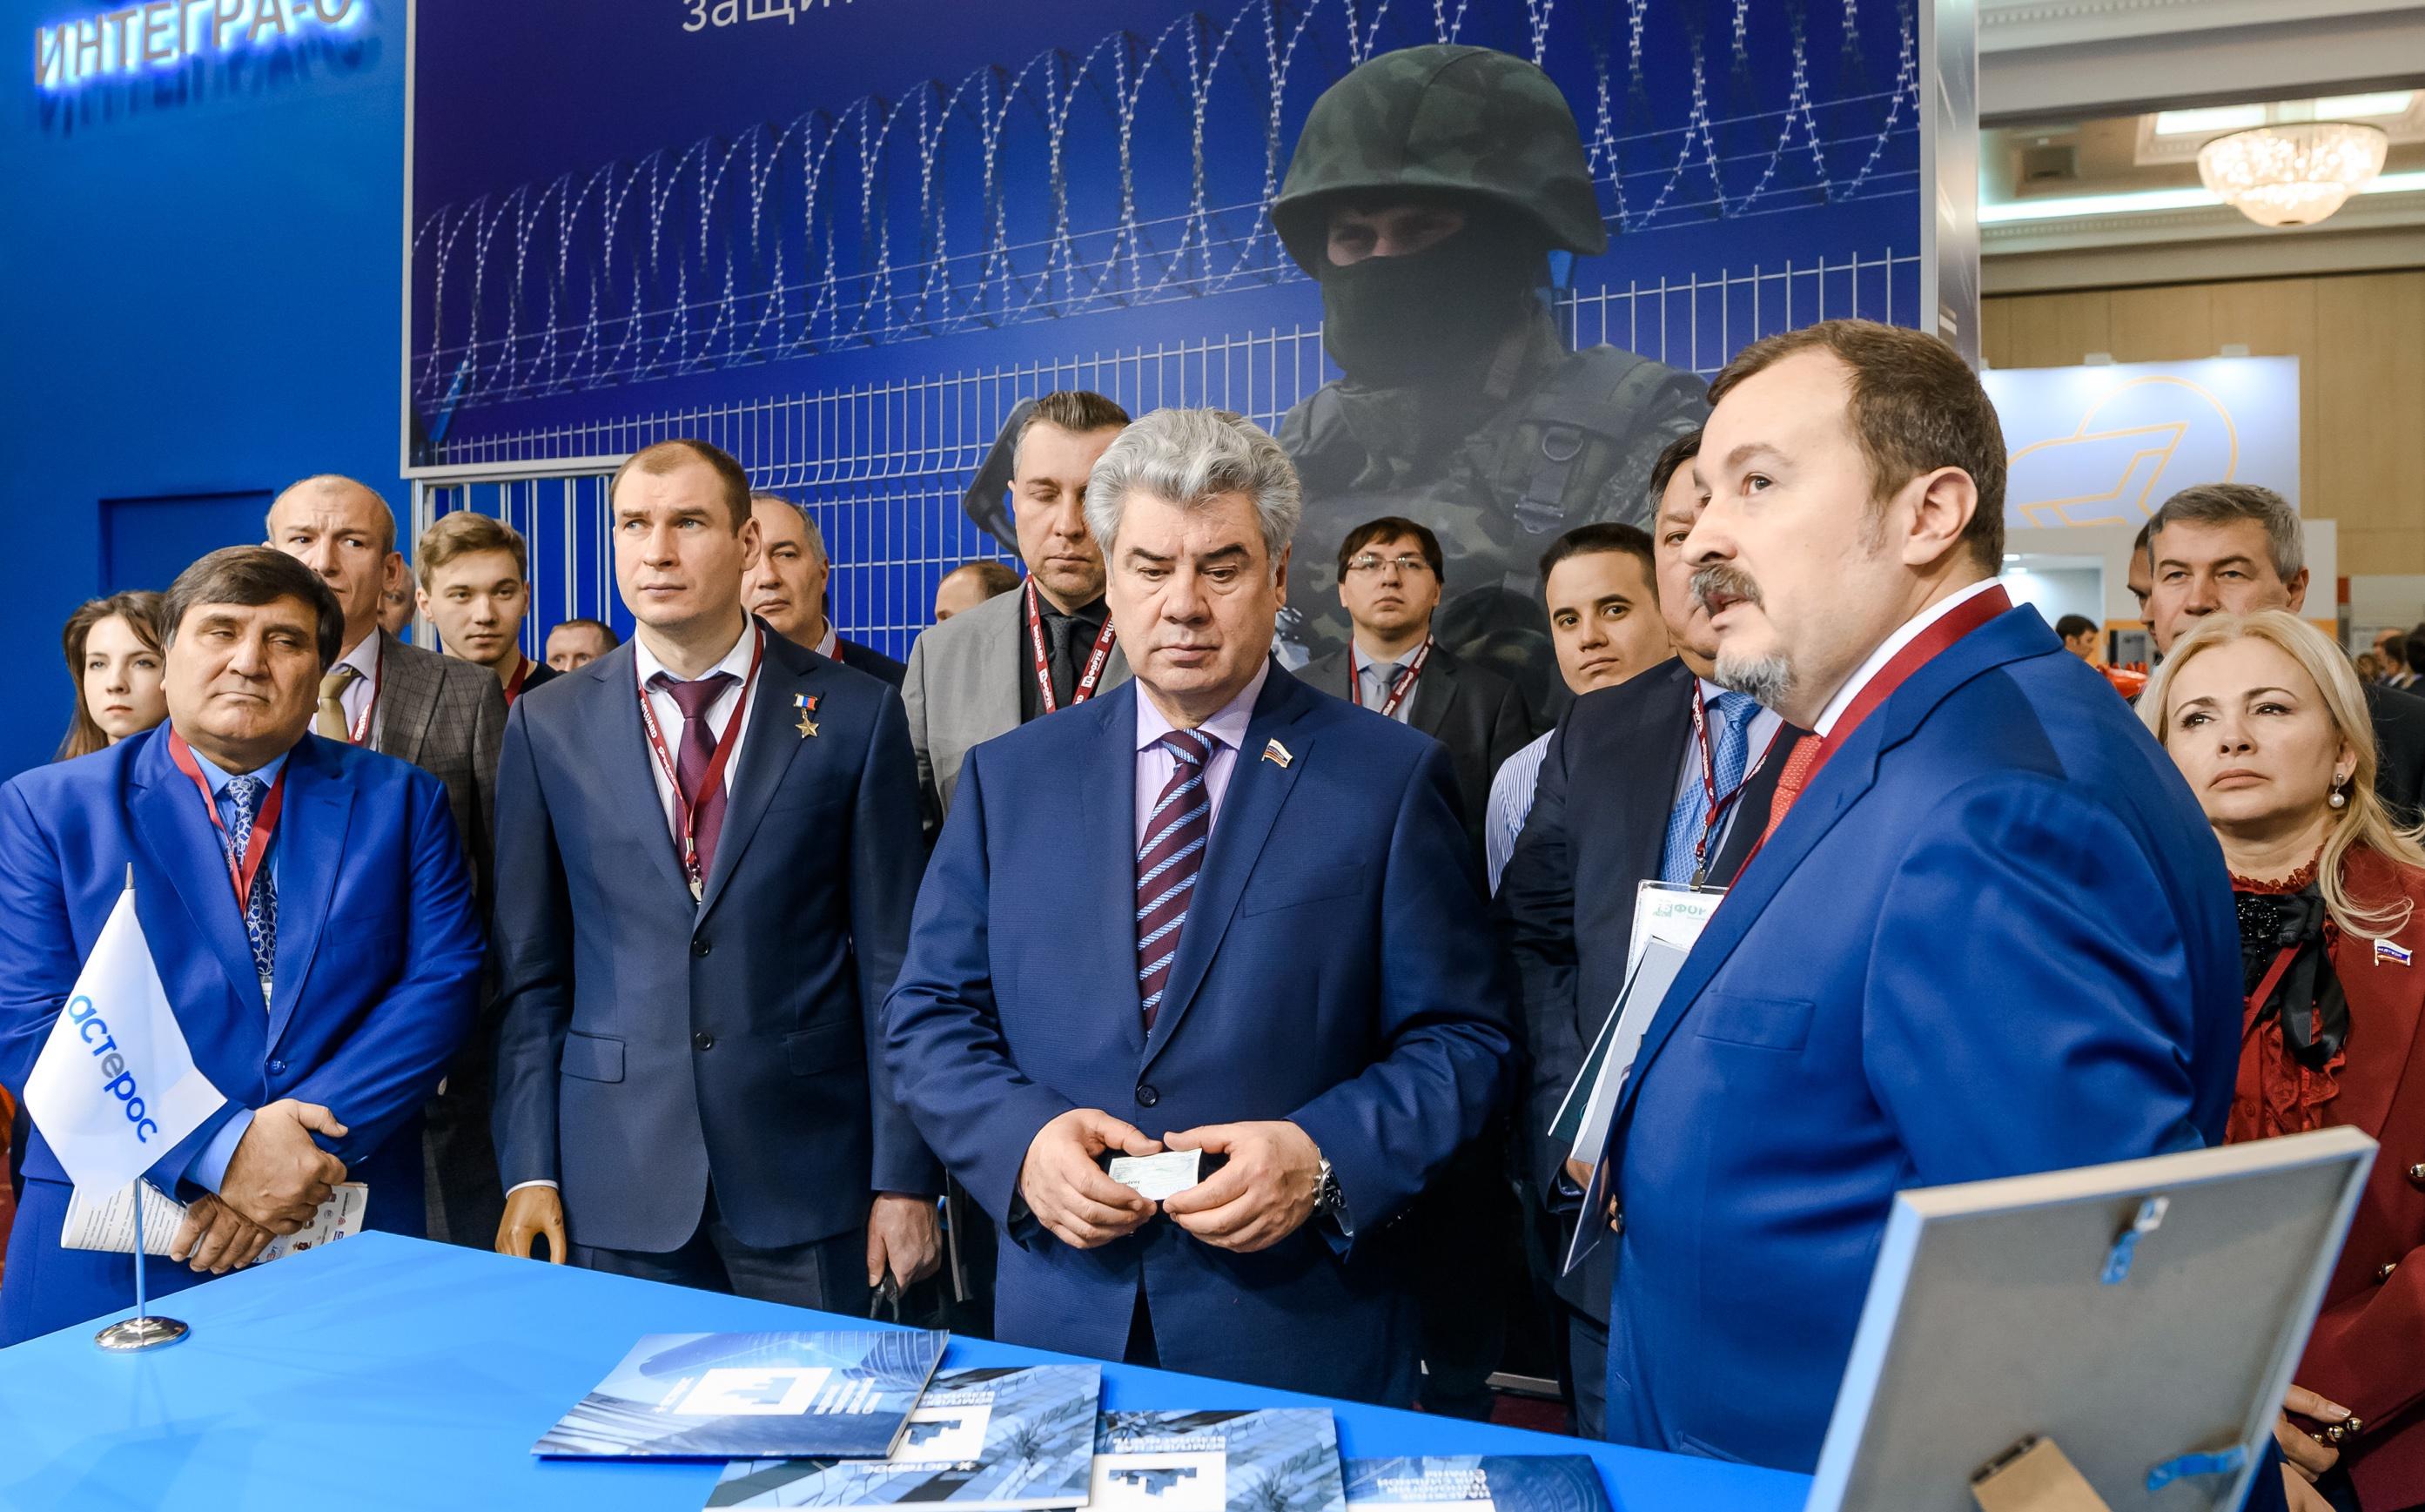 Владимир Шелепов (Астерос): продуманная деловая программа, качественная и интересная аудитория и высокий уровень организации